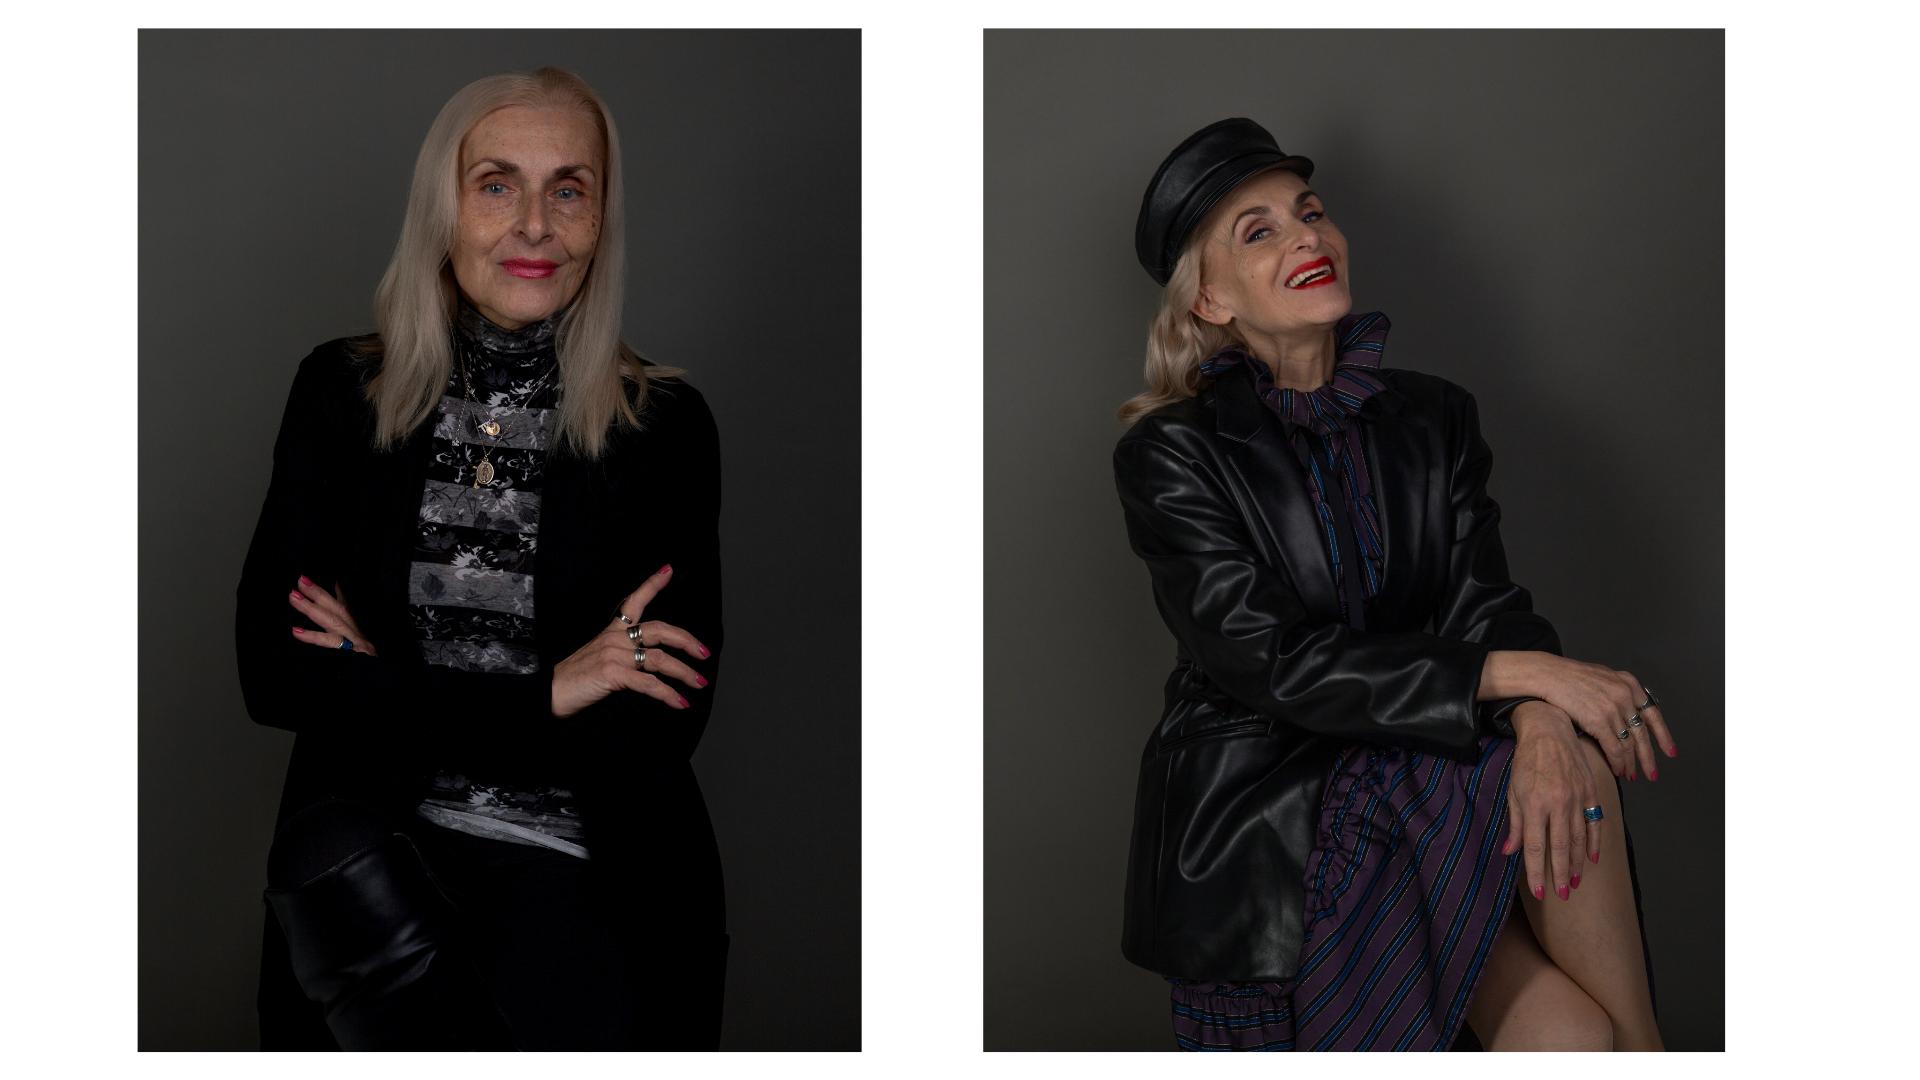 Культурний код: інтерв'ю з людьми поважного віку, які ламають суспільні стереотипи-Фото 2